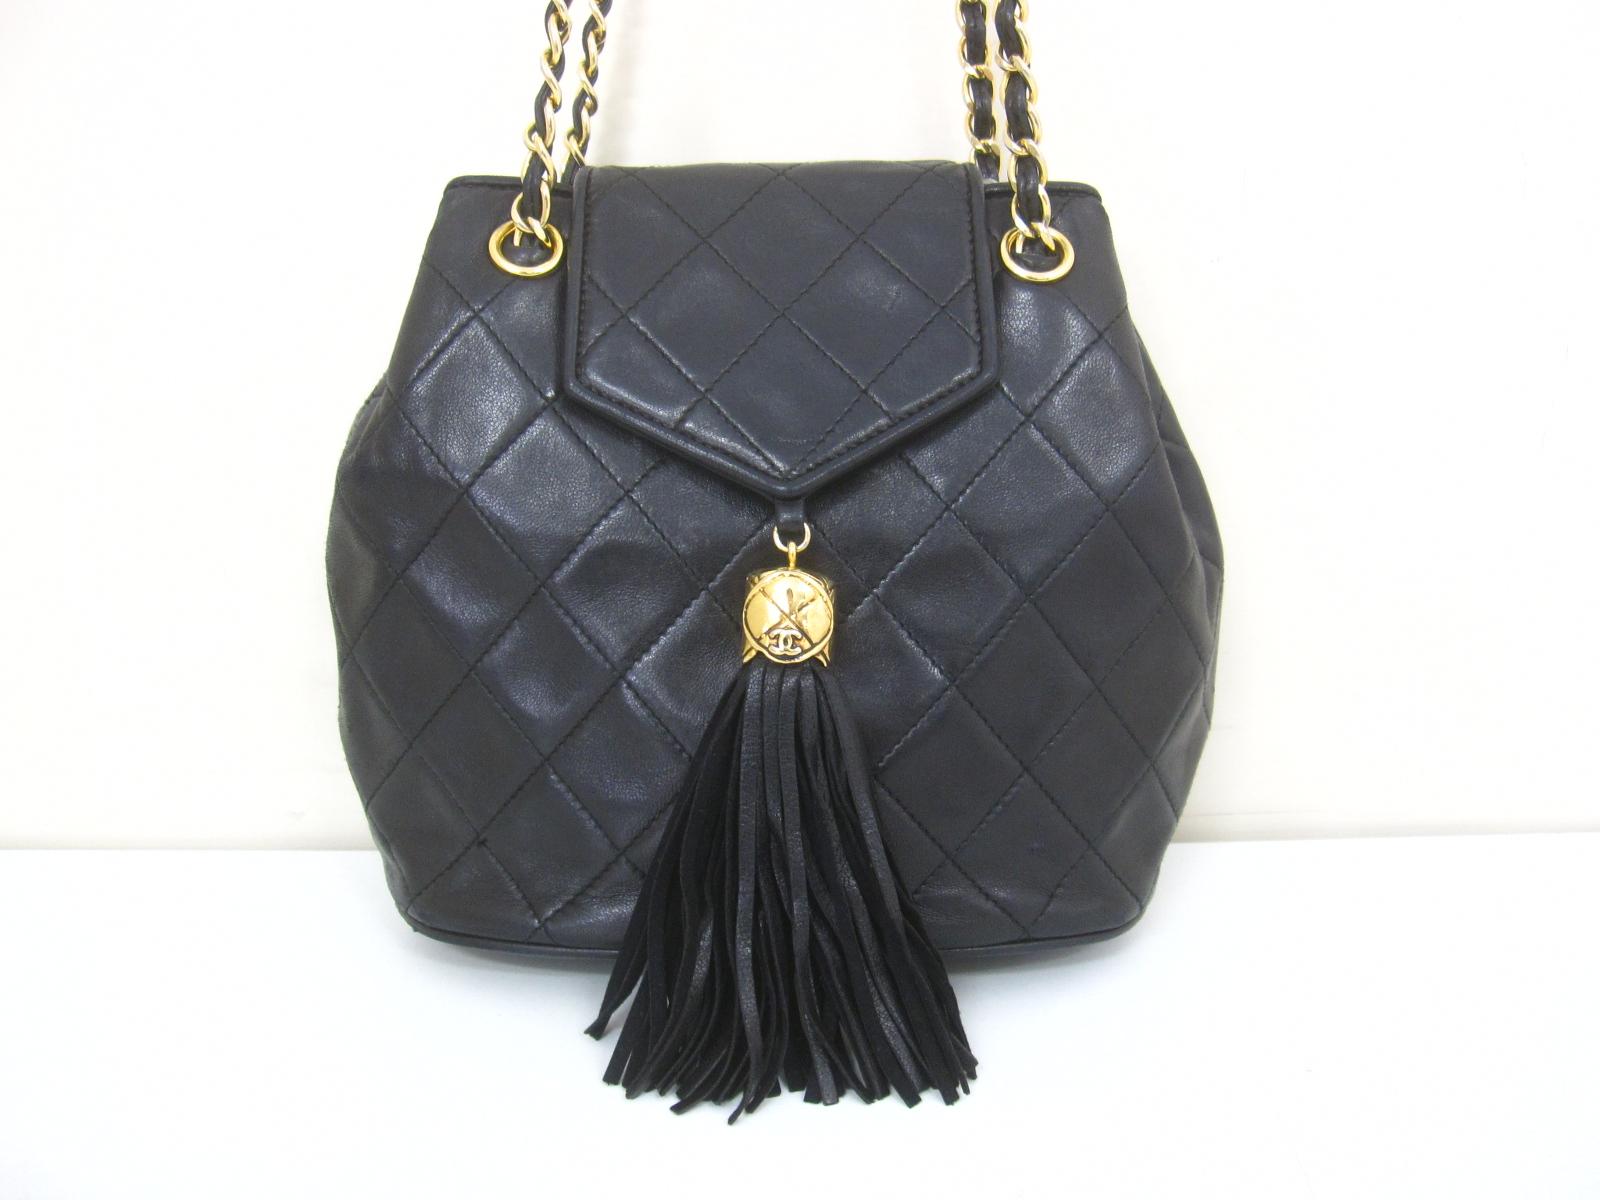 f7a7189b24f4 100% Authentic Vintage Chanel Matelasse Black Fringe Quilted Tassel  Shoulder Bag